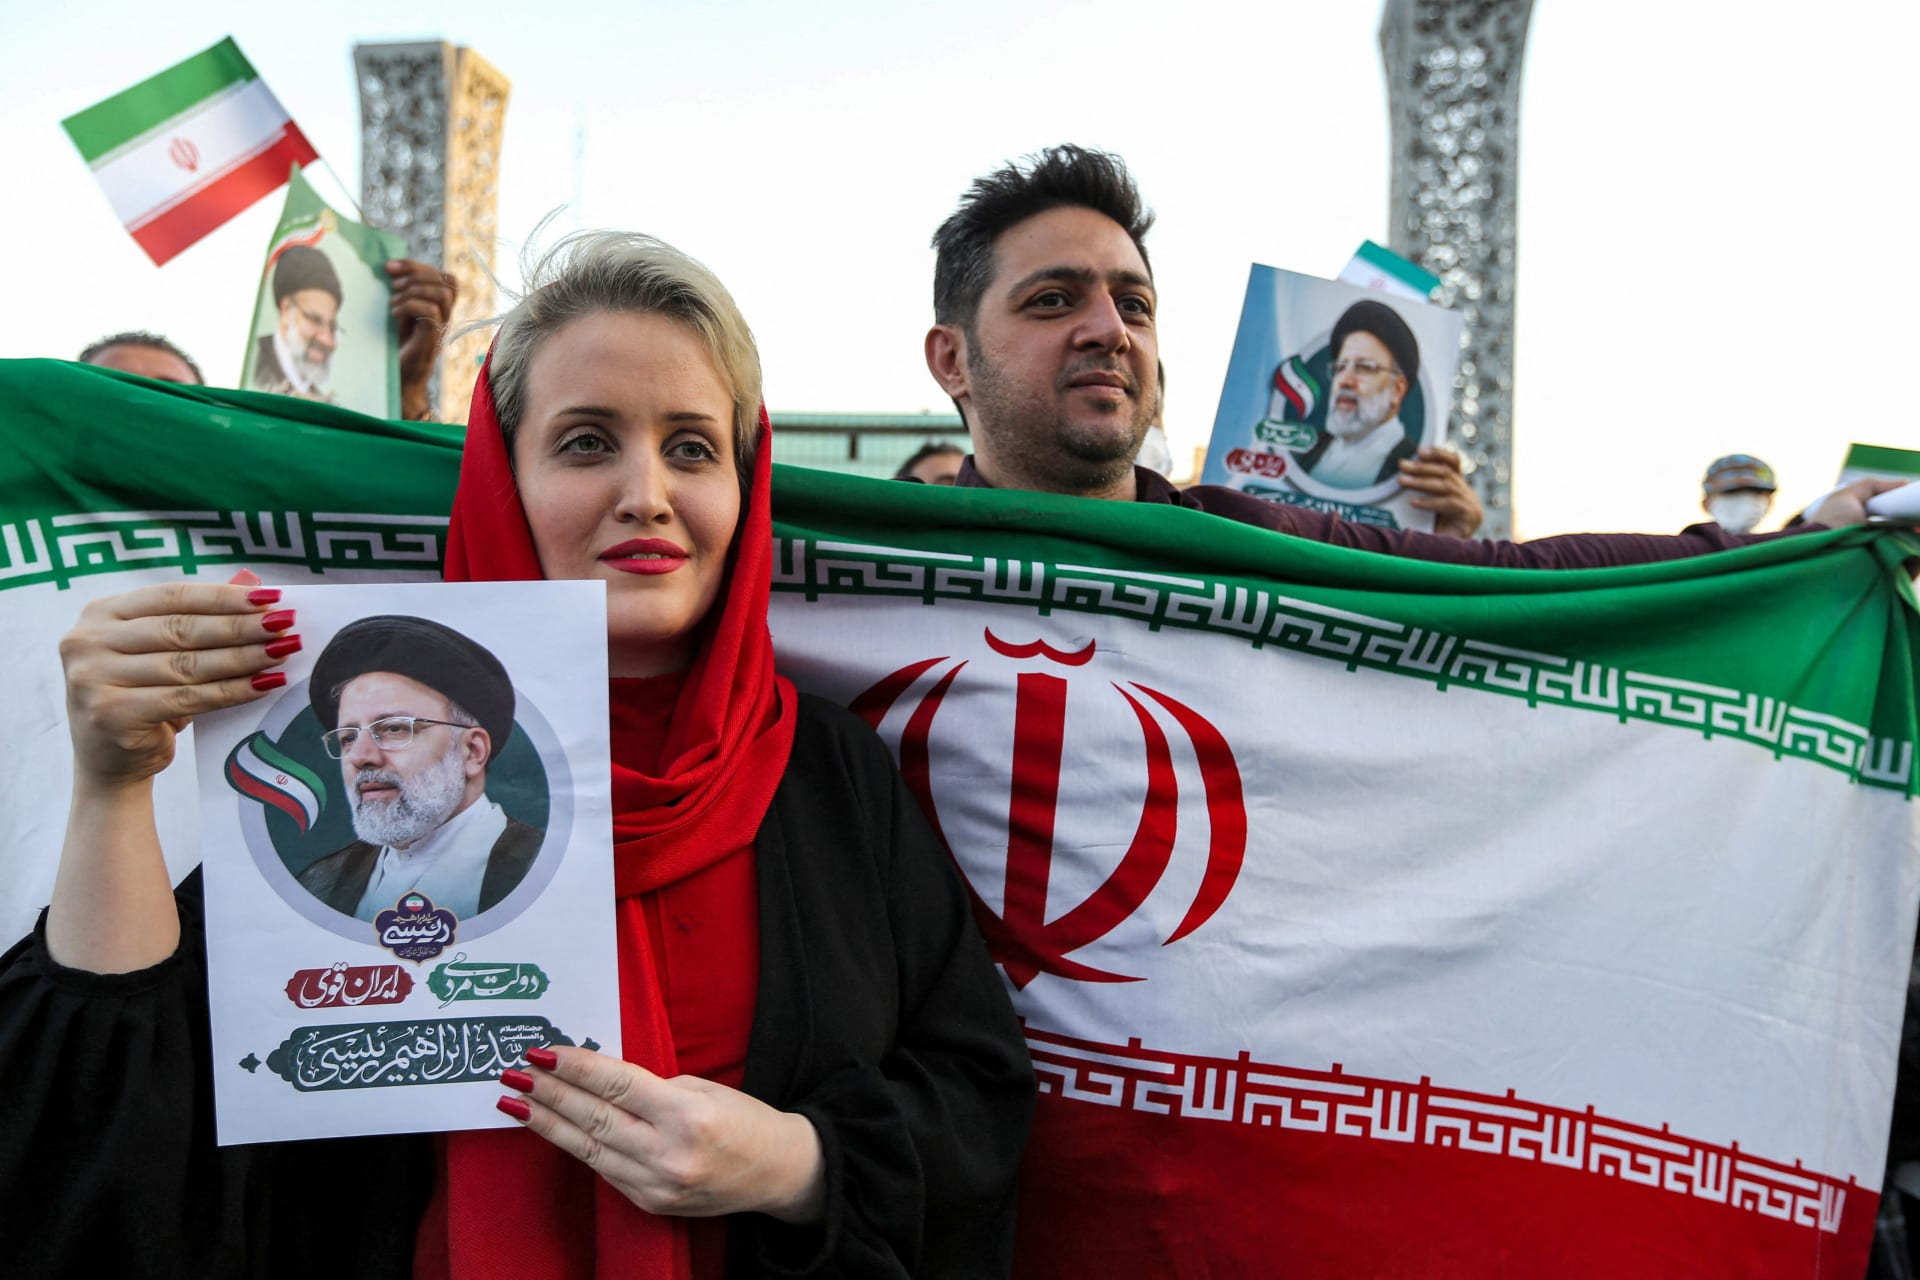 إيرانيون يحتفلون بفوز إبراهيم رئيسي